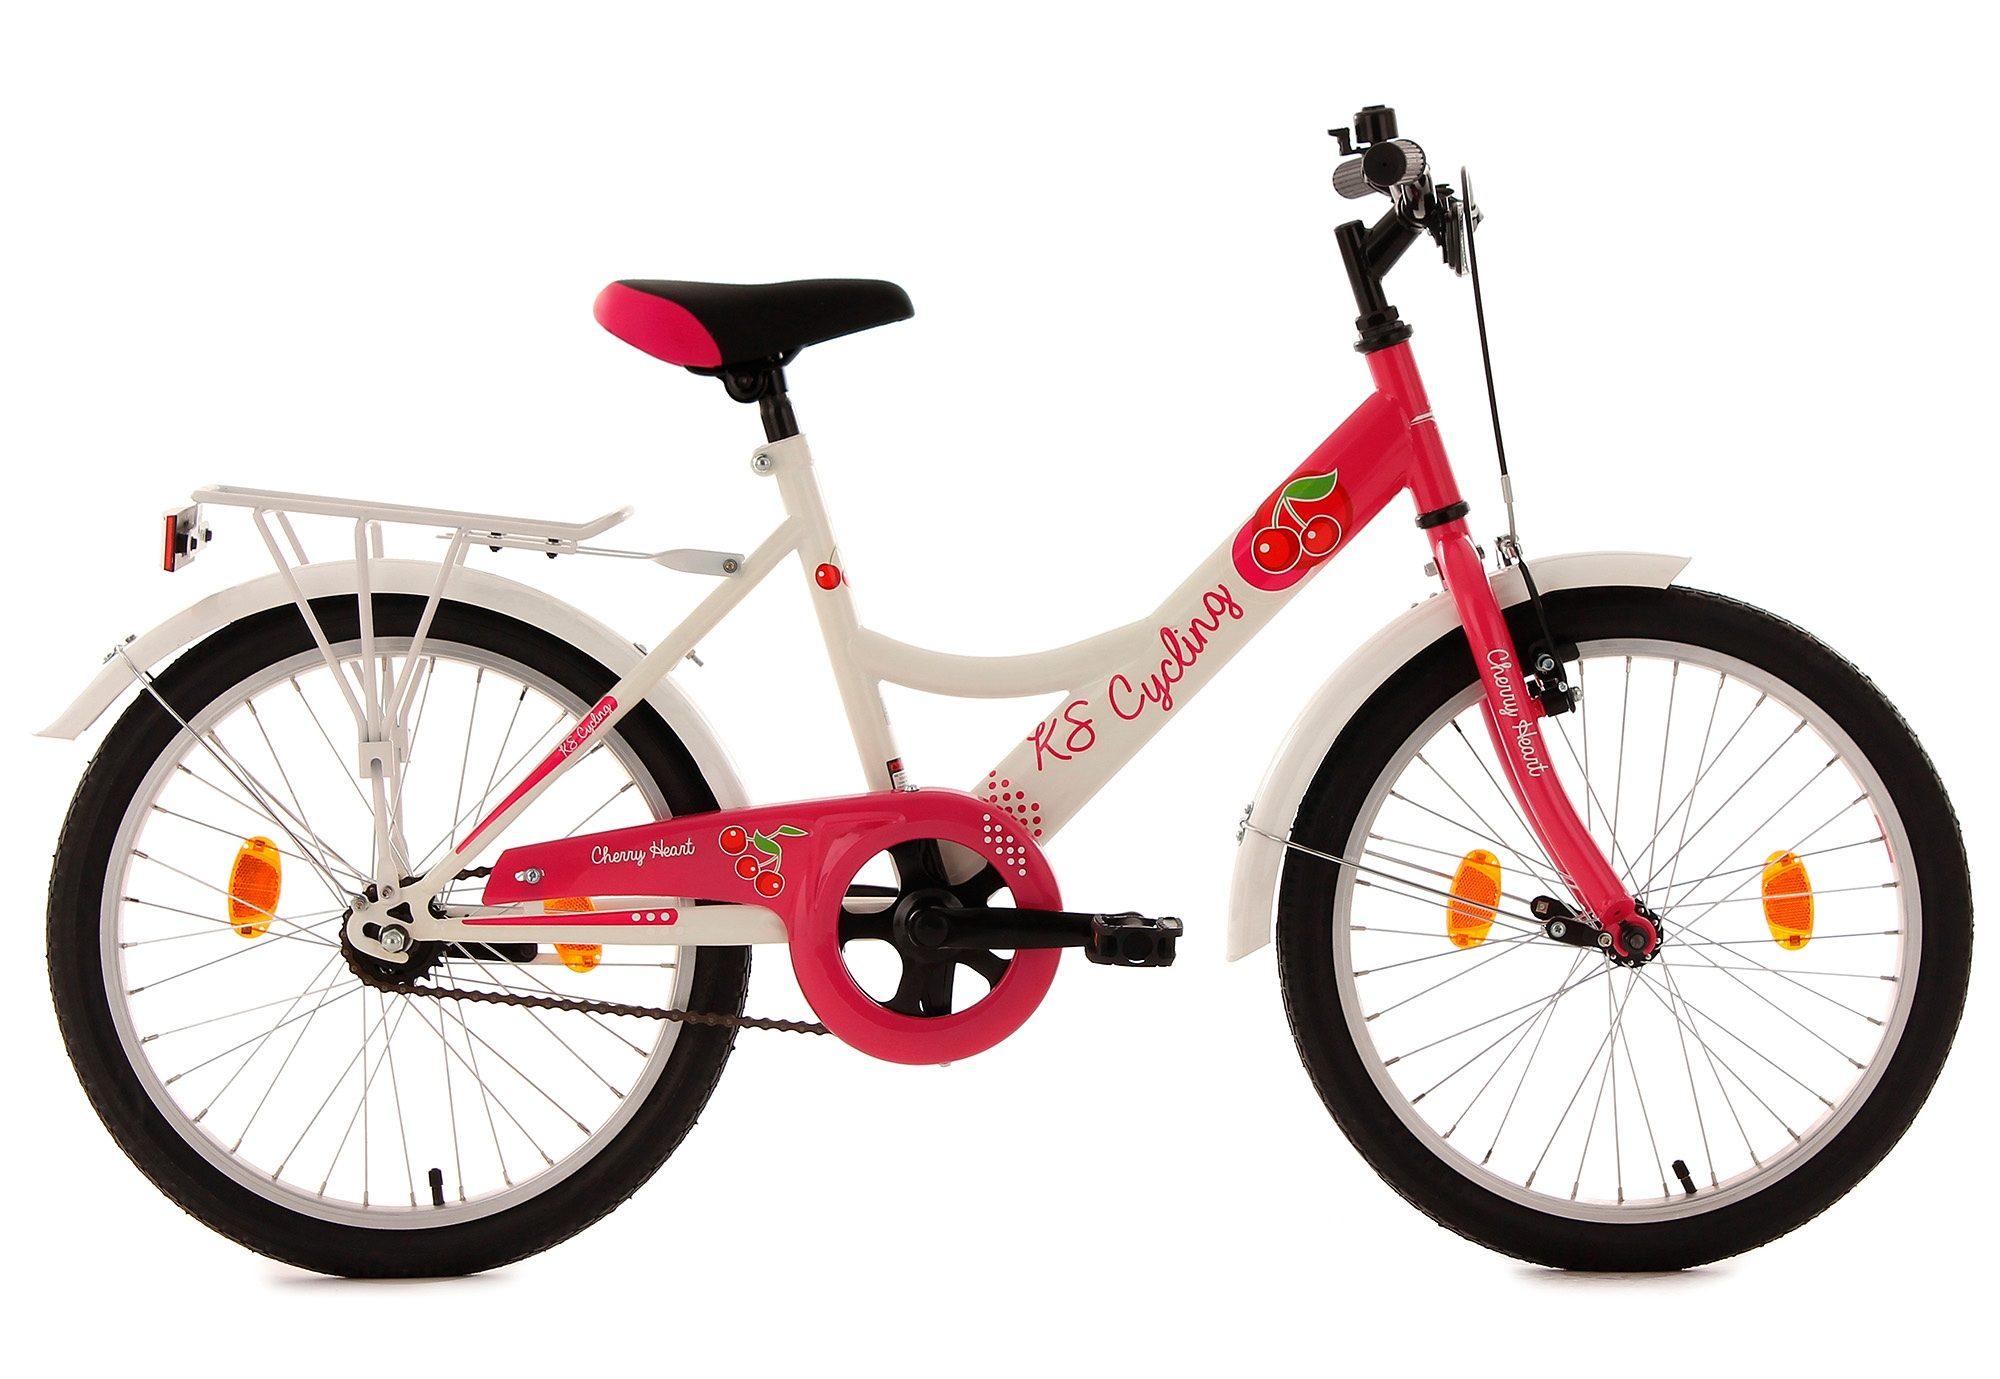 Mädchen-Jugendfahrrad, 20 Zoll, weiß-pink, ohne Schaltung, »Cherry Heart«, KS Cycling